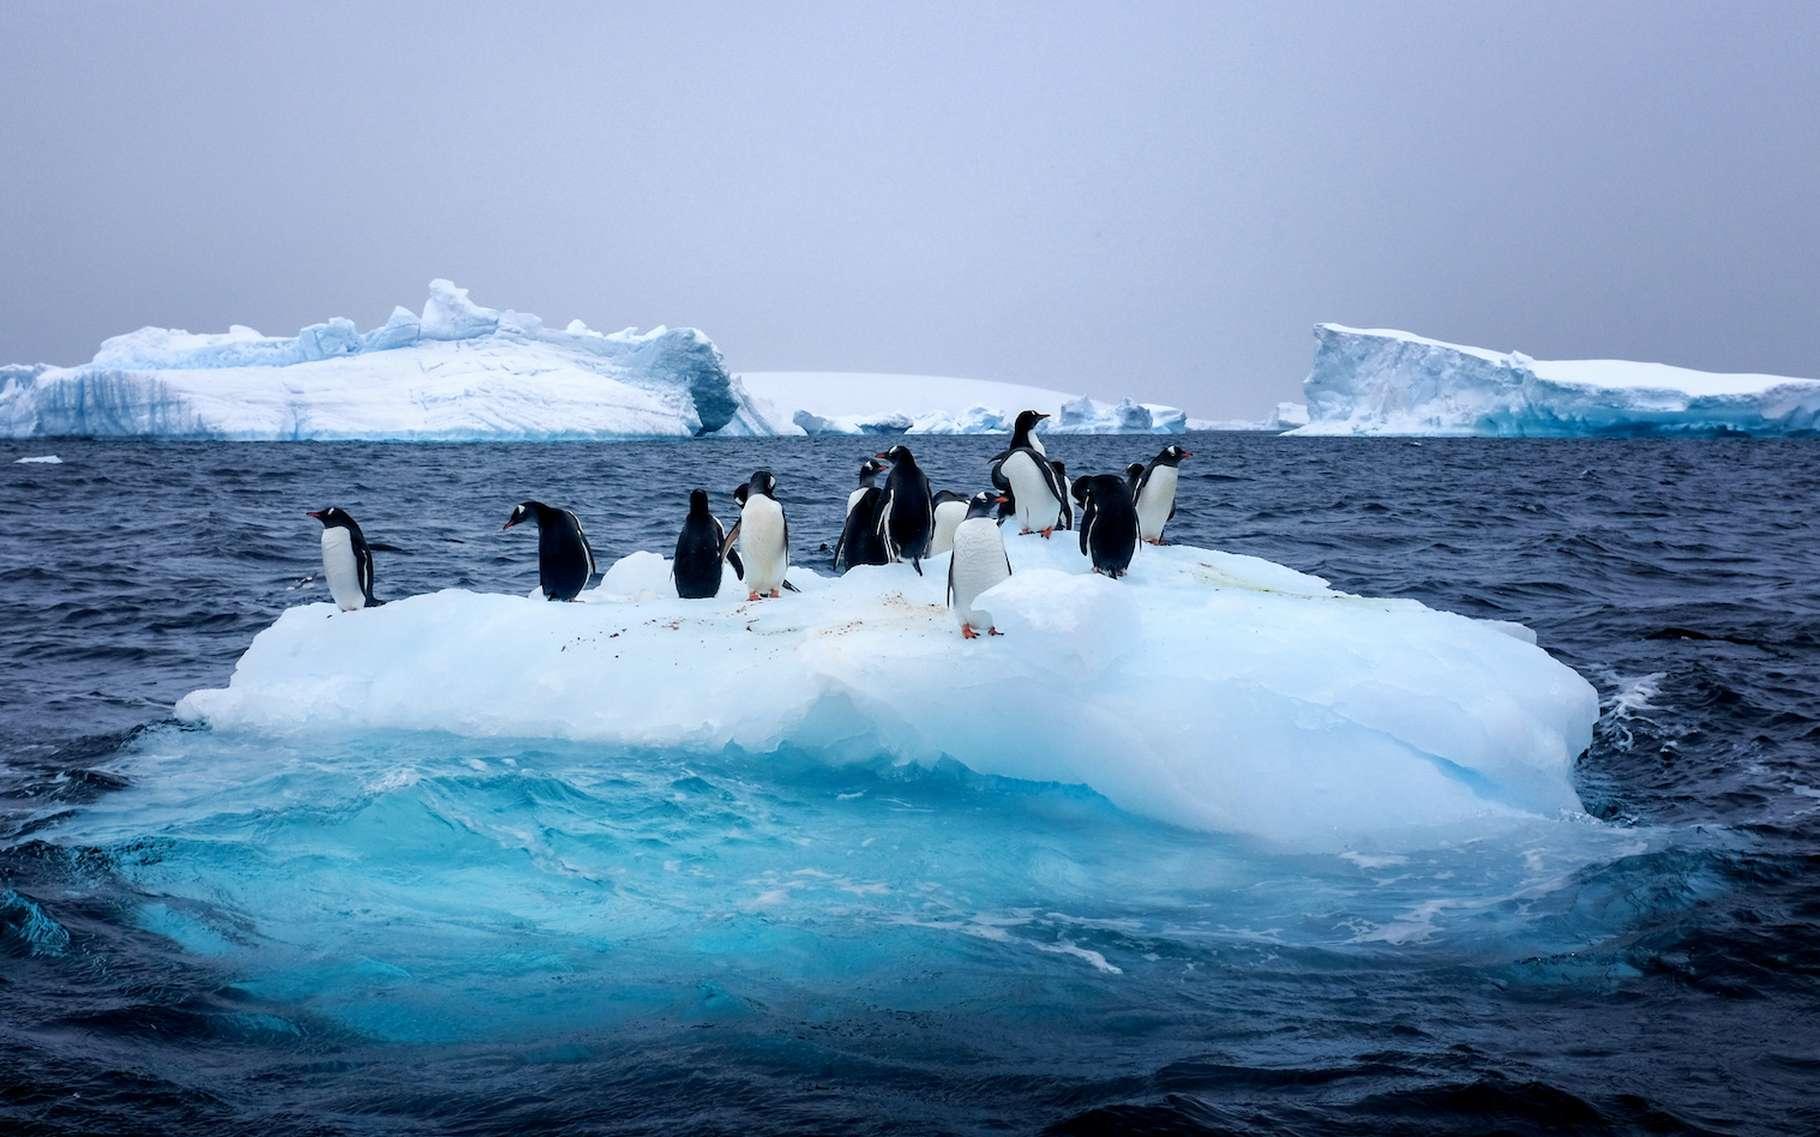 Selon des travaux de chercheurs français, britanniques et portugais, la fonte en surface de l'Antarctique de l'ouest est provoquée par des rivières atmosphériques qui transportent chaleur et humidité depuis les régions tempérées vers le pôle © Allen.G, Adobe Stock